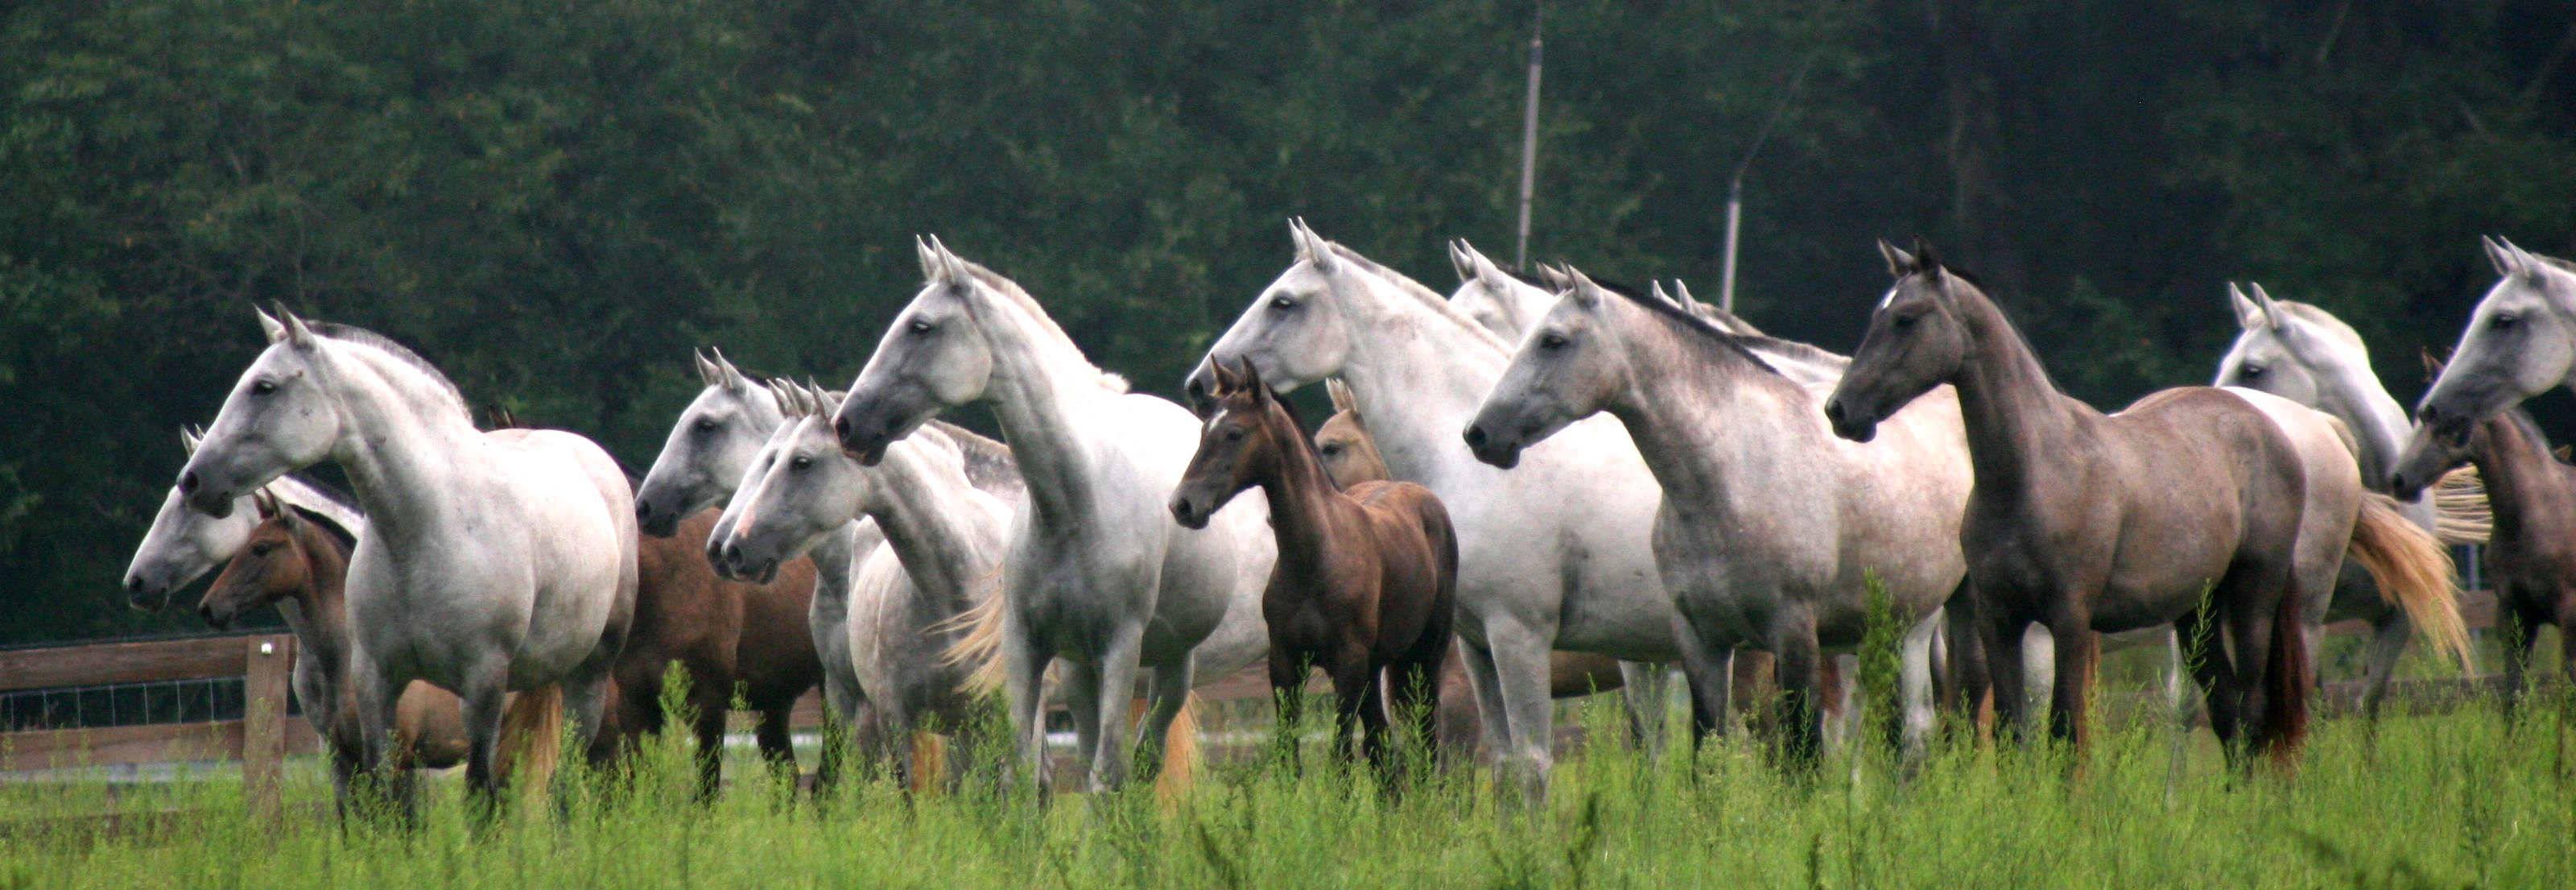 Royal Horse Farms - Top P R E  Andalusian Breeder